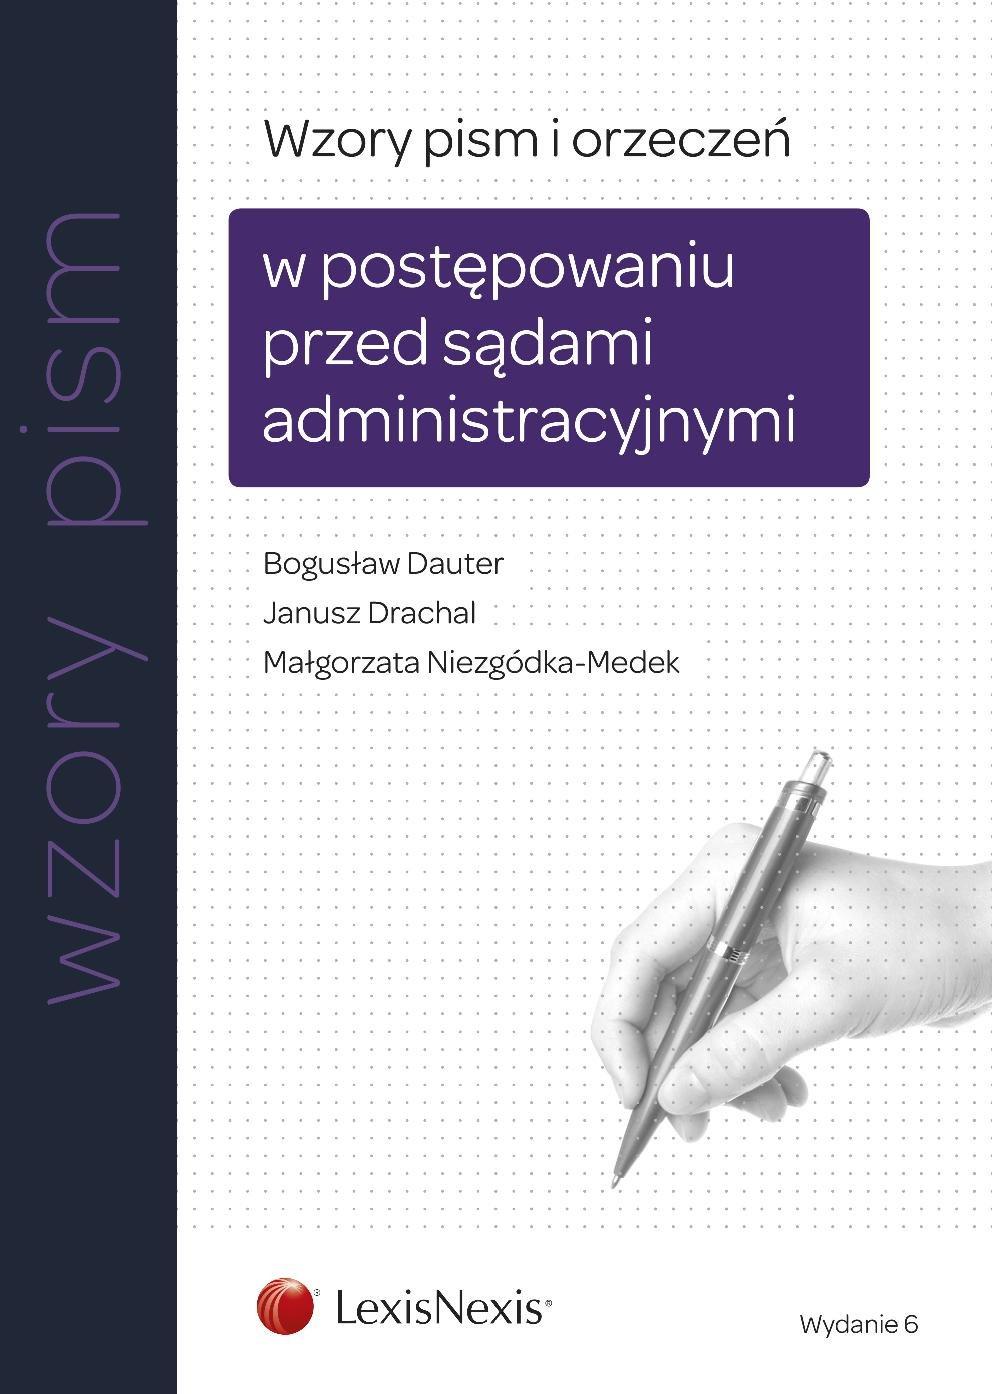 Wzory pism i orzeczeń w postępowaniu przed sądami administracyjnymi. Wydanie 6 - Ebook (Książka EPUB) do pobrania w formacie EPUB